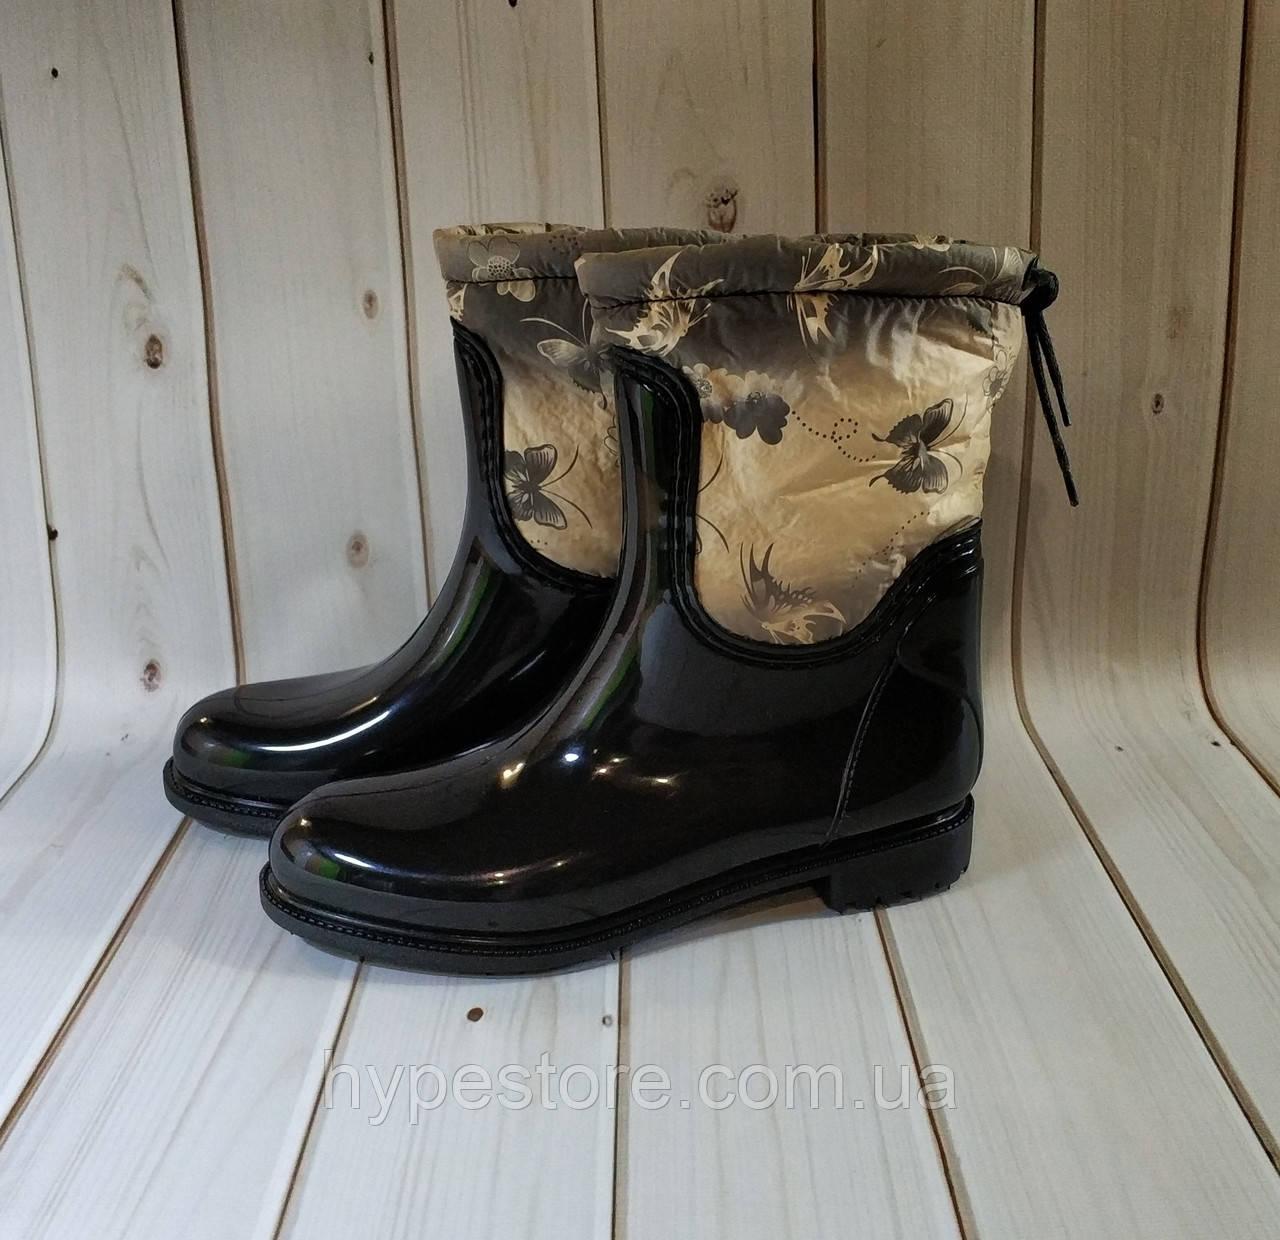 Женские резиновые утепленные сапоги,полусапоги,ботинки,для девочек